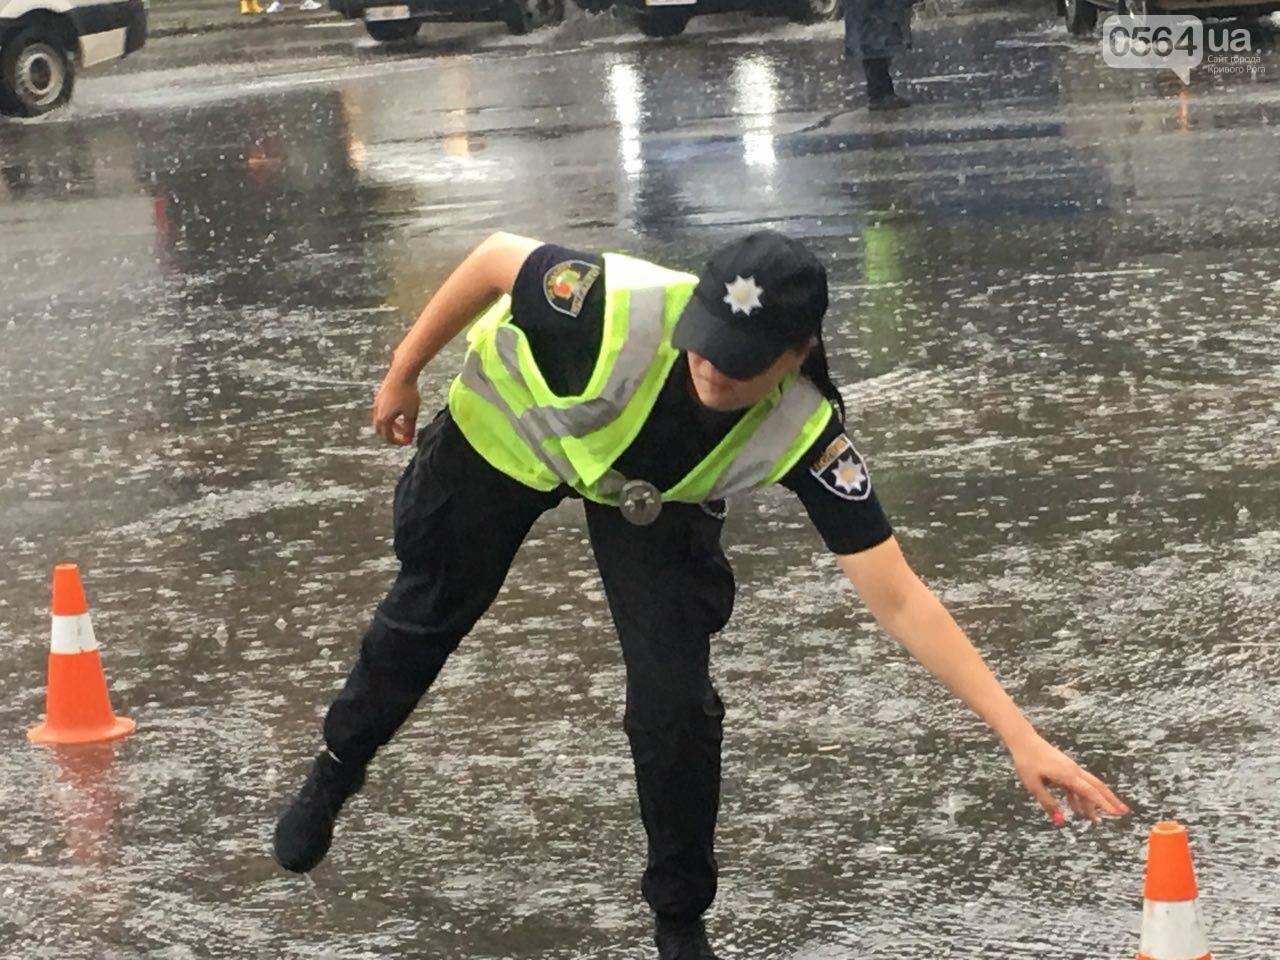 В Кривом Роге под дождем на перекрестке столкнулись иномарка и ВАЗ, - ФОТО, фото-15